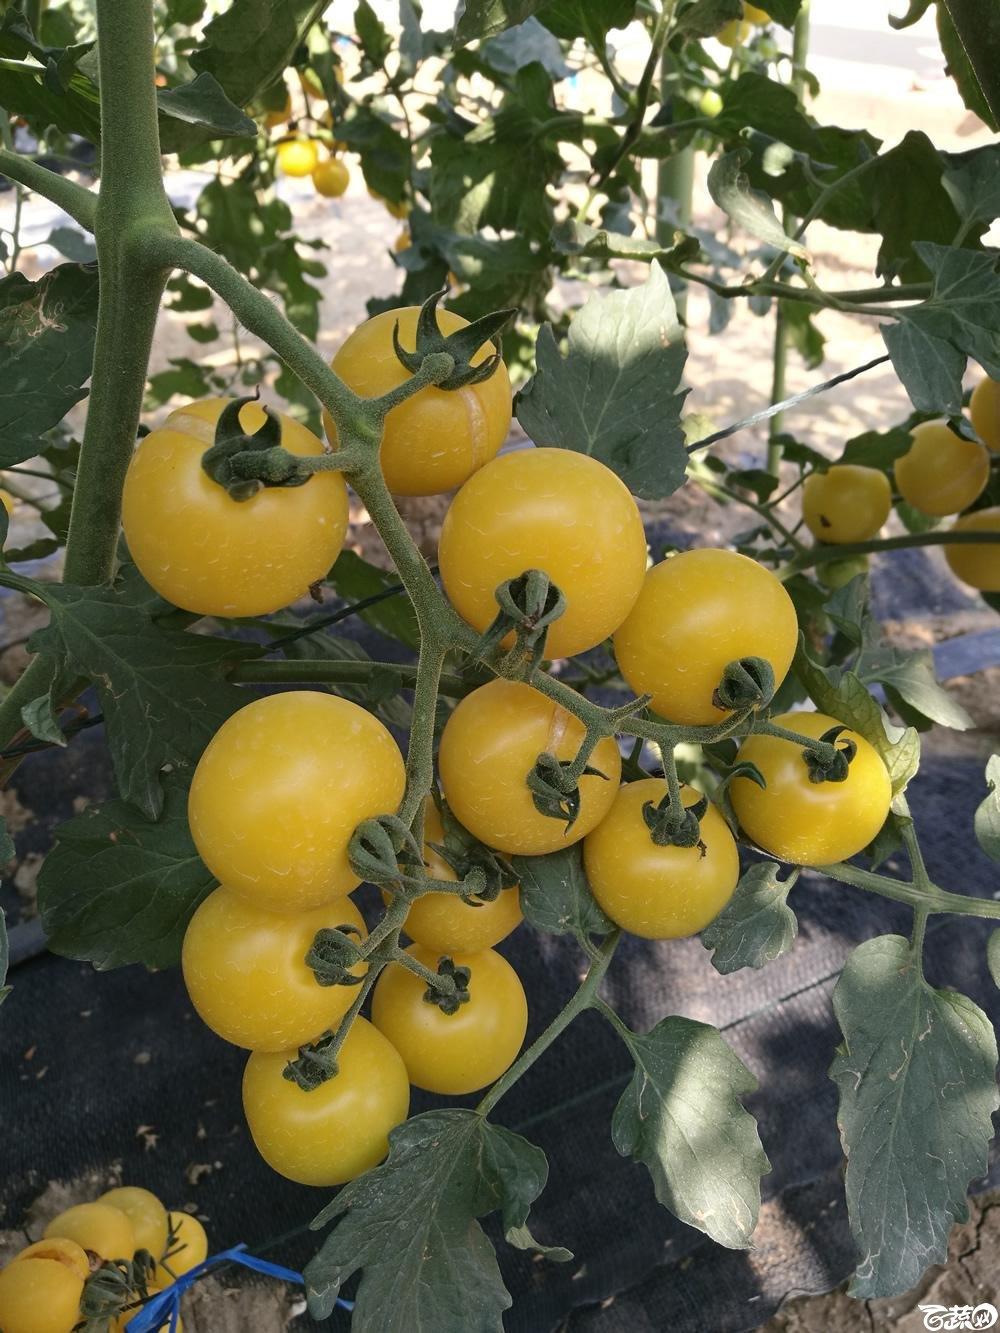 第十二届广州蔬菜展示会专家重点推荐品种,广州市农科院黄樱一号_004.jpg